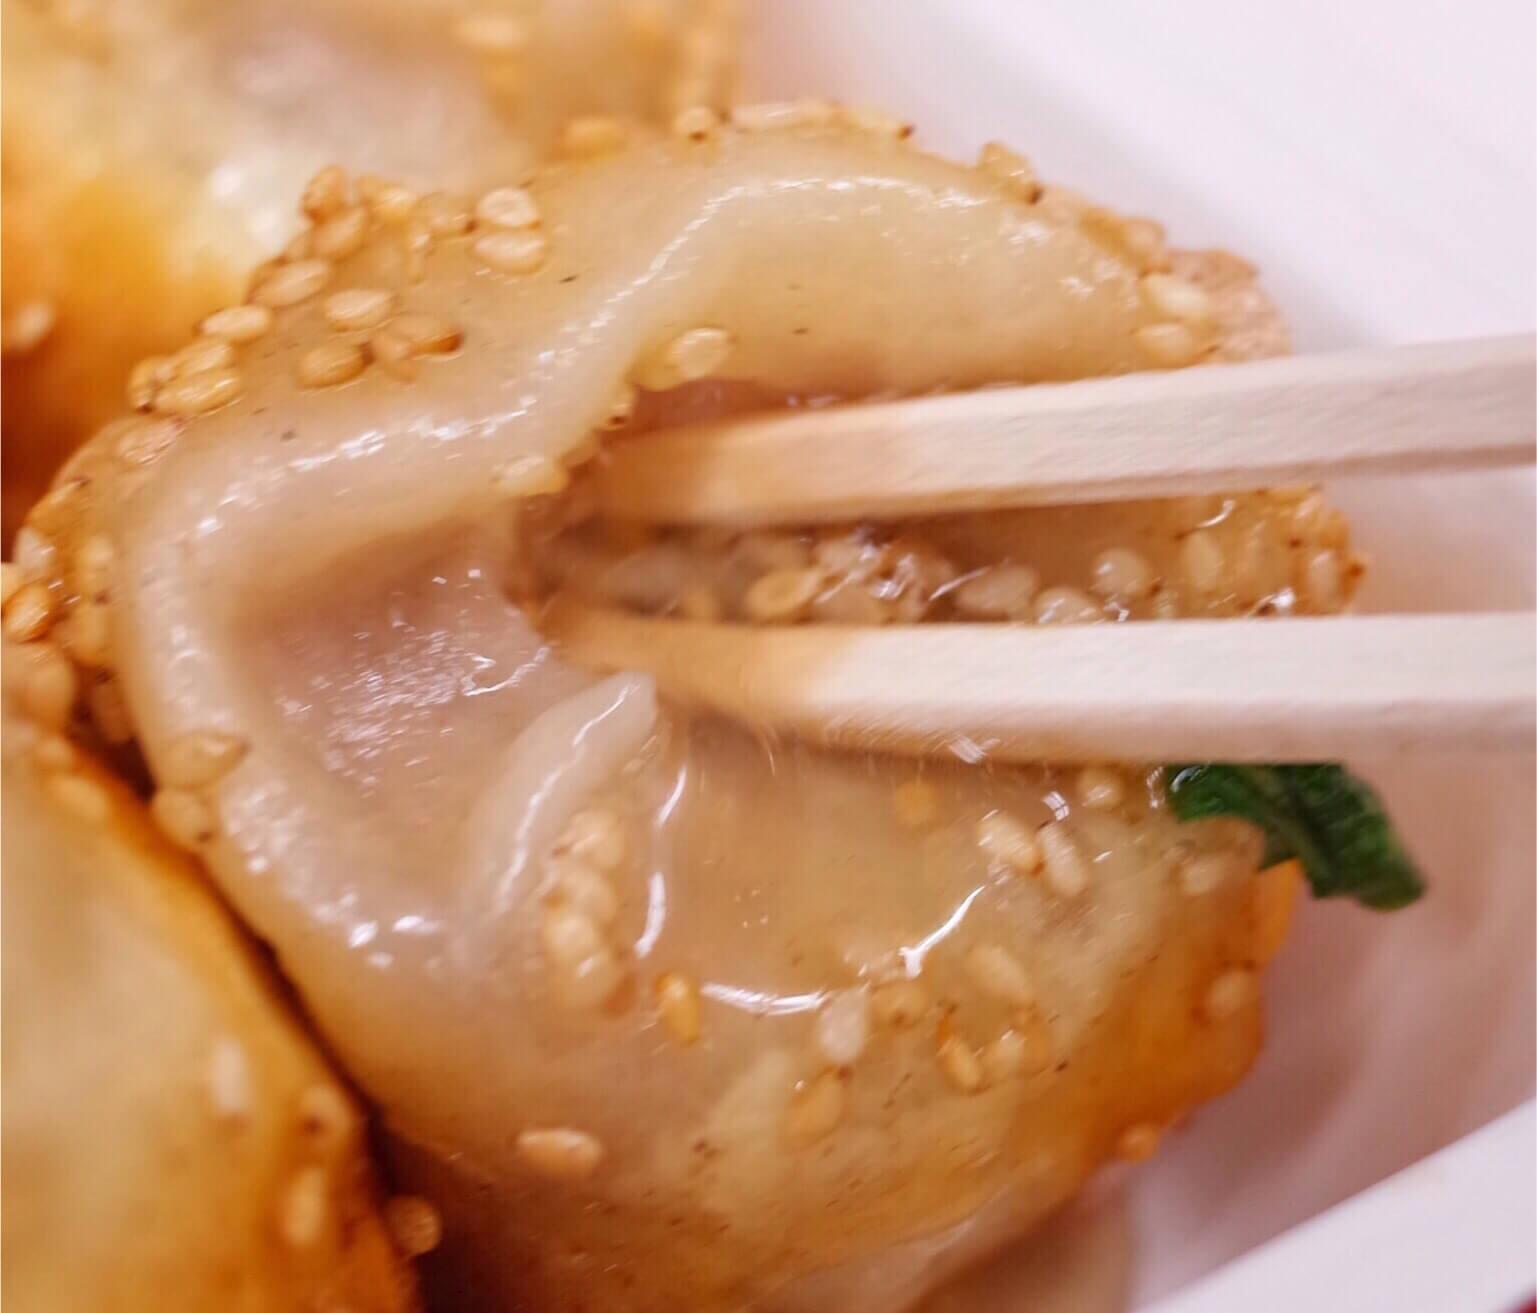 小陽生煎饅頭屋 町田 | 極上の肉汁が噴き出す焼き小籠包 火傷してでも食べる価値あり!